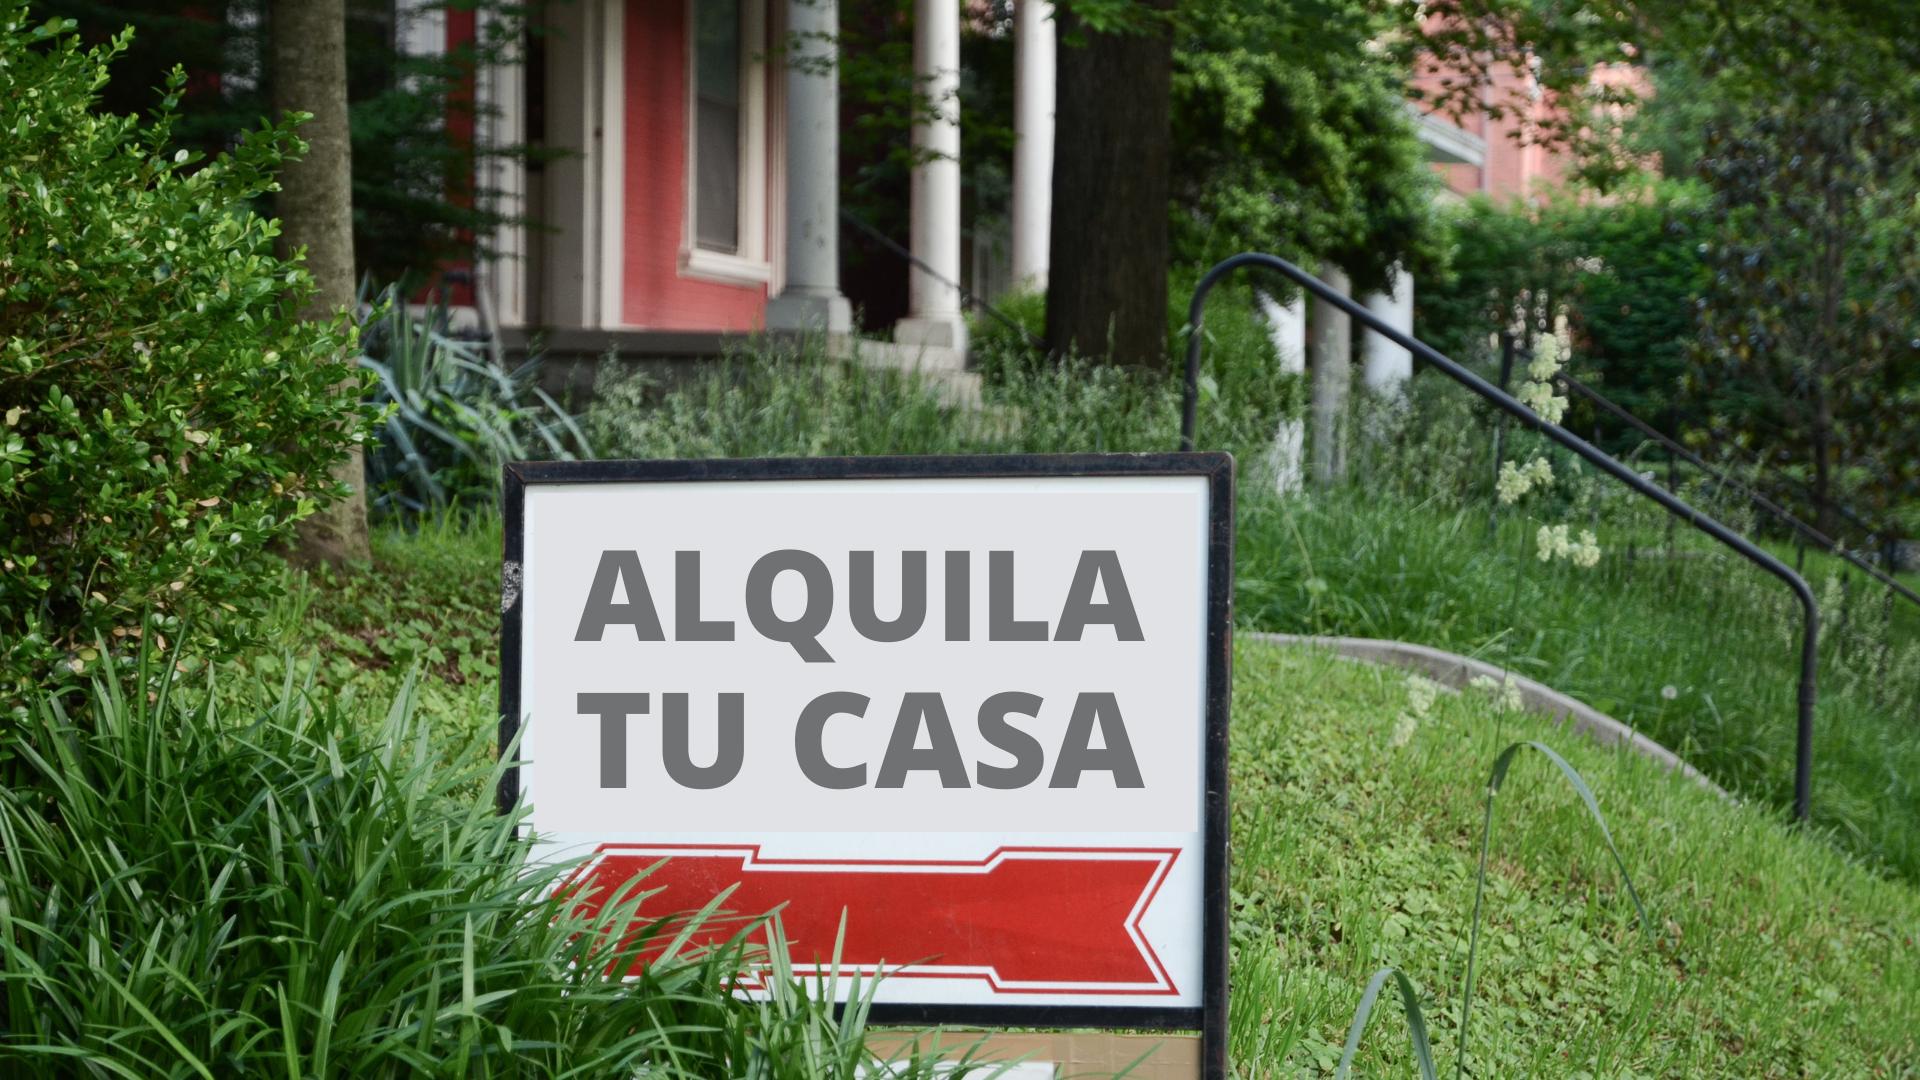 Plan Alquila Joven: Contratos de alquiler adaptados a las necesidades de los jóvenes madrileños